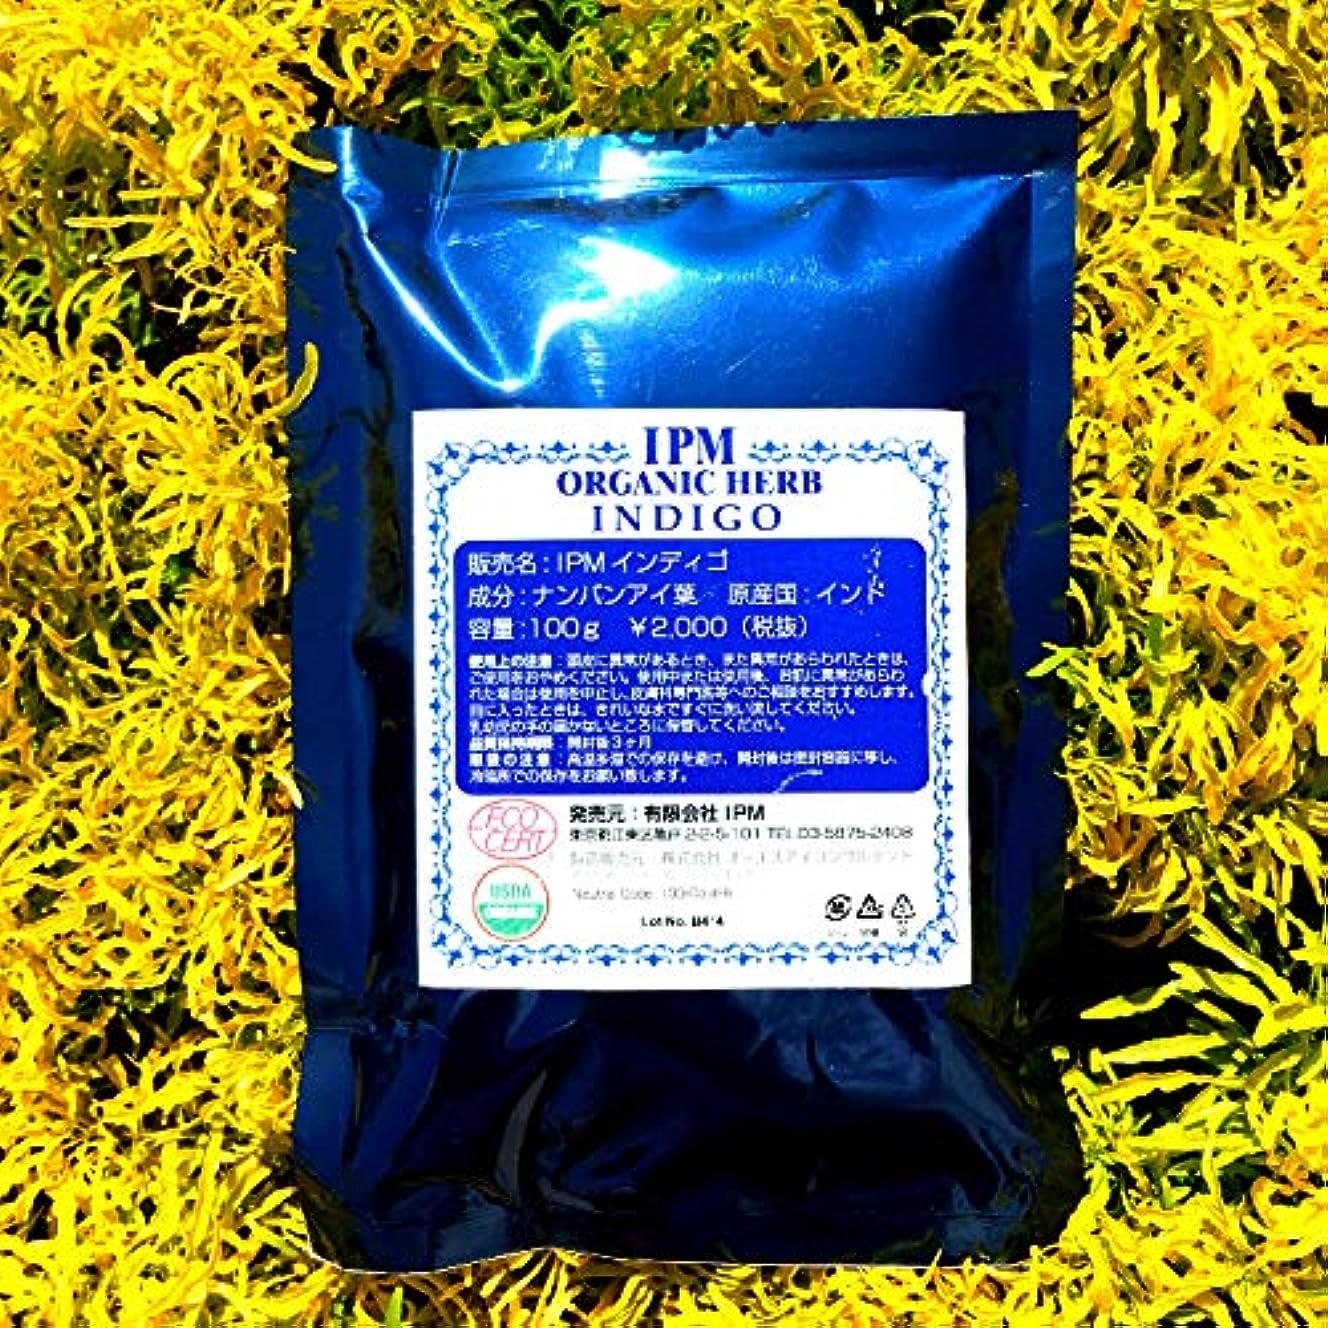 自分枕聡明IPM インディゴ 500g (100g×5)